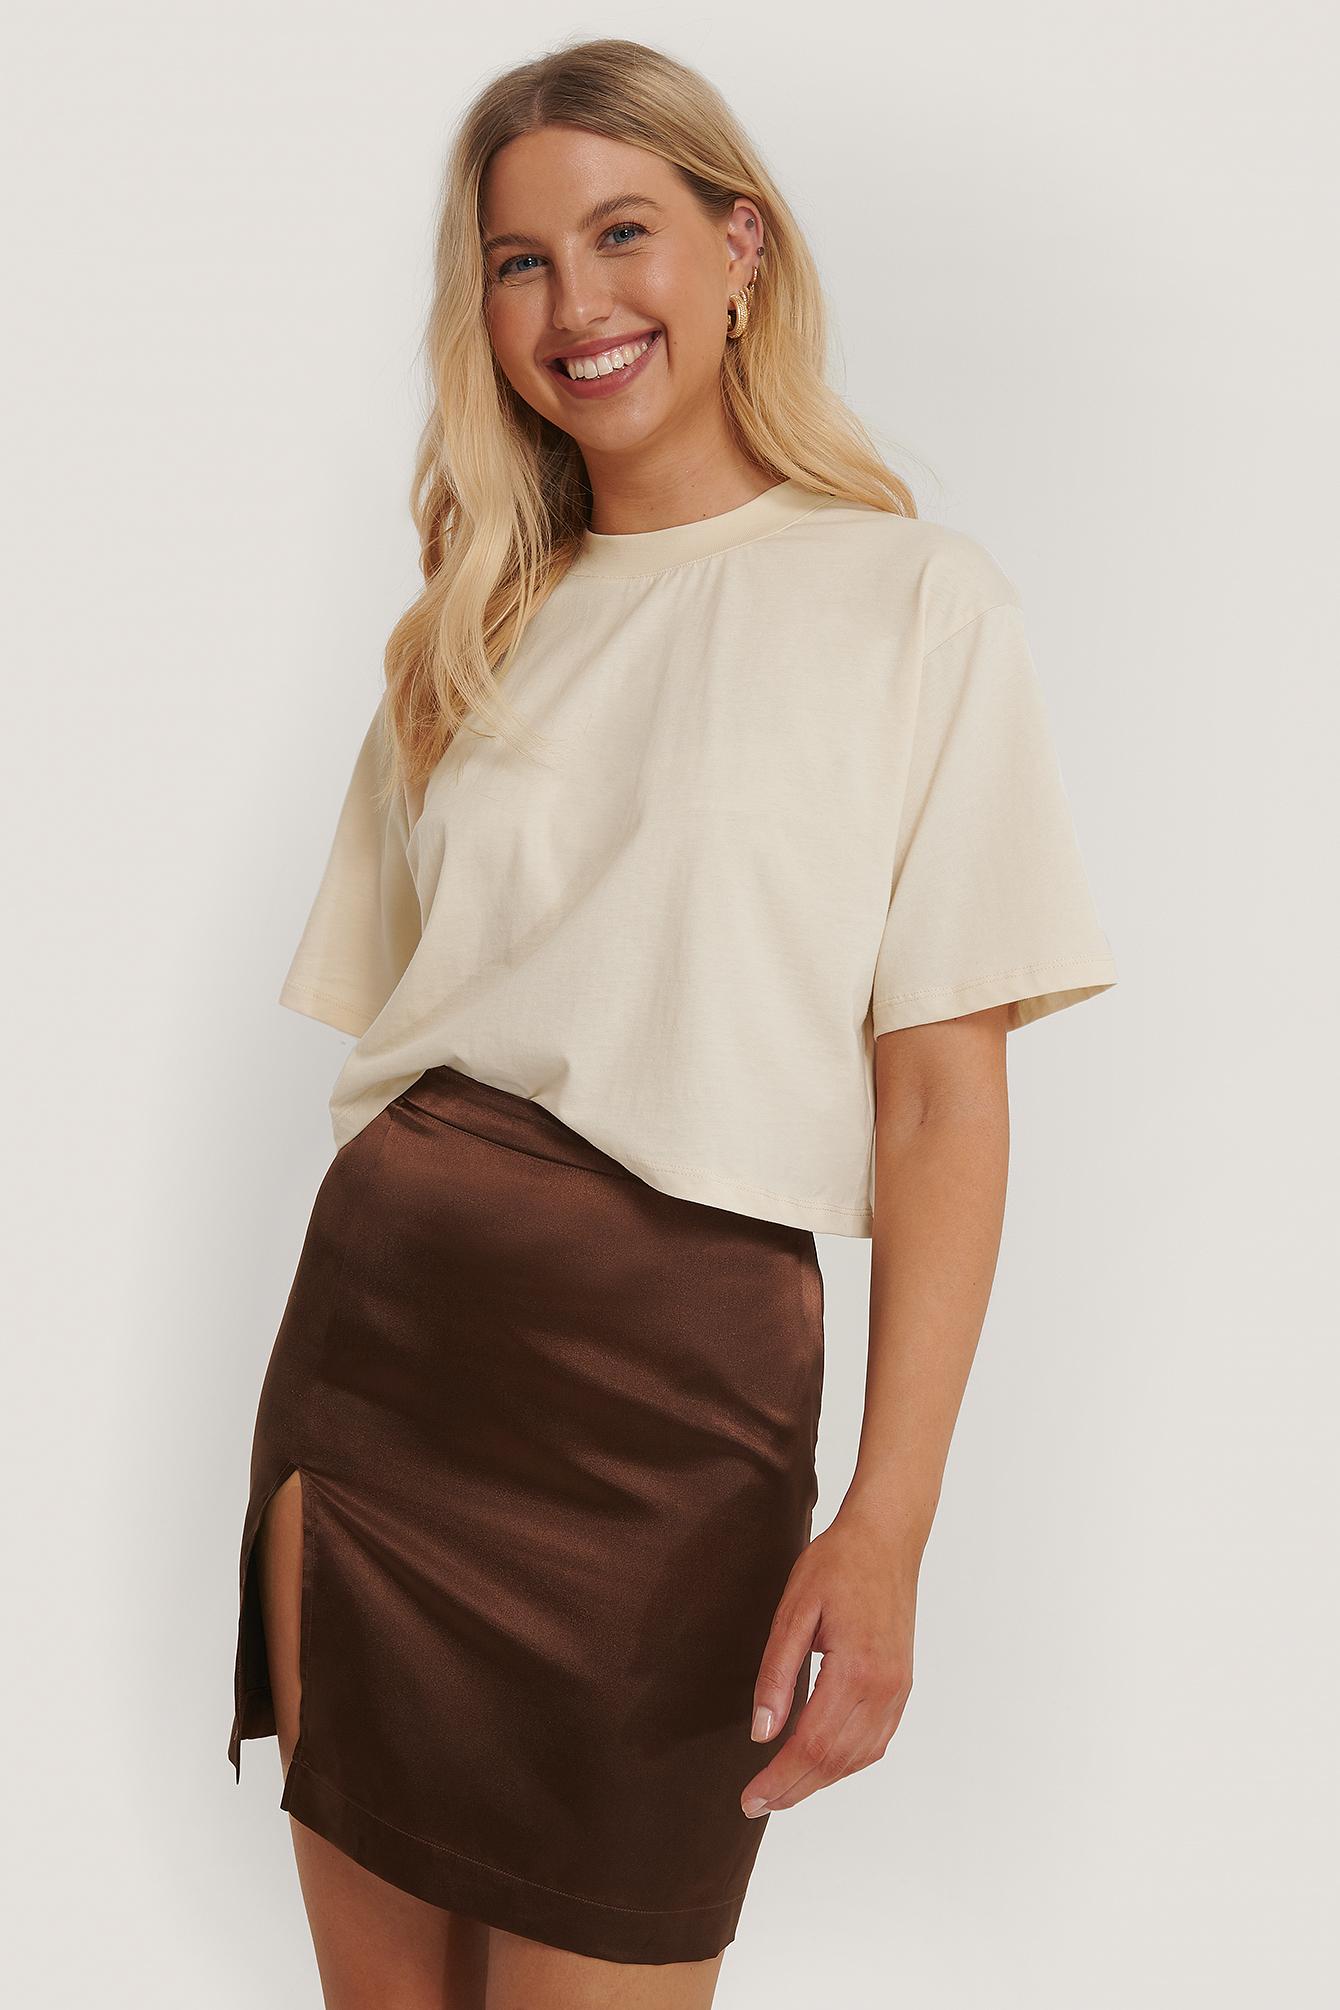 Sara Sieppi x NA-KD Seitlich Geschlitzter Satin-Rock - Brown | Bekleidung > Röcke > Sonstige Röcke | Sara Sieppi x NA-KD